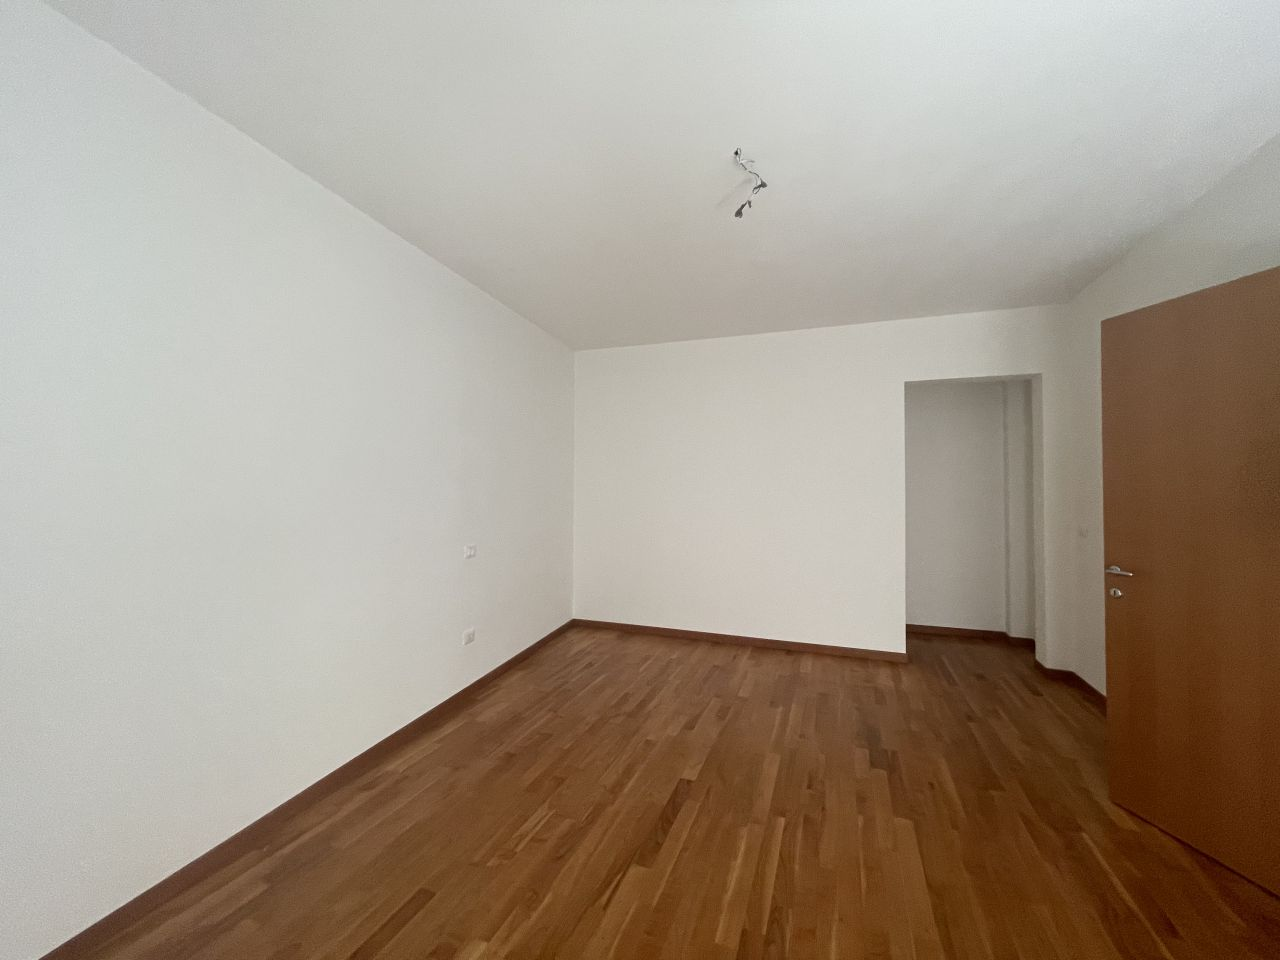 Appartamento in affitto a Abano Terme, 3 locali, prezzo € 750 | CambioCasa.it